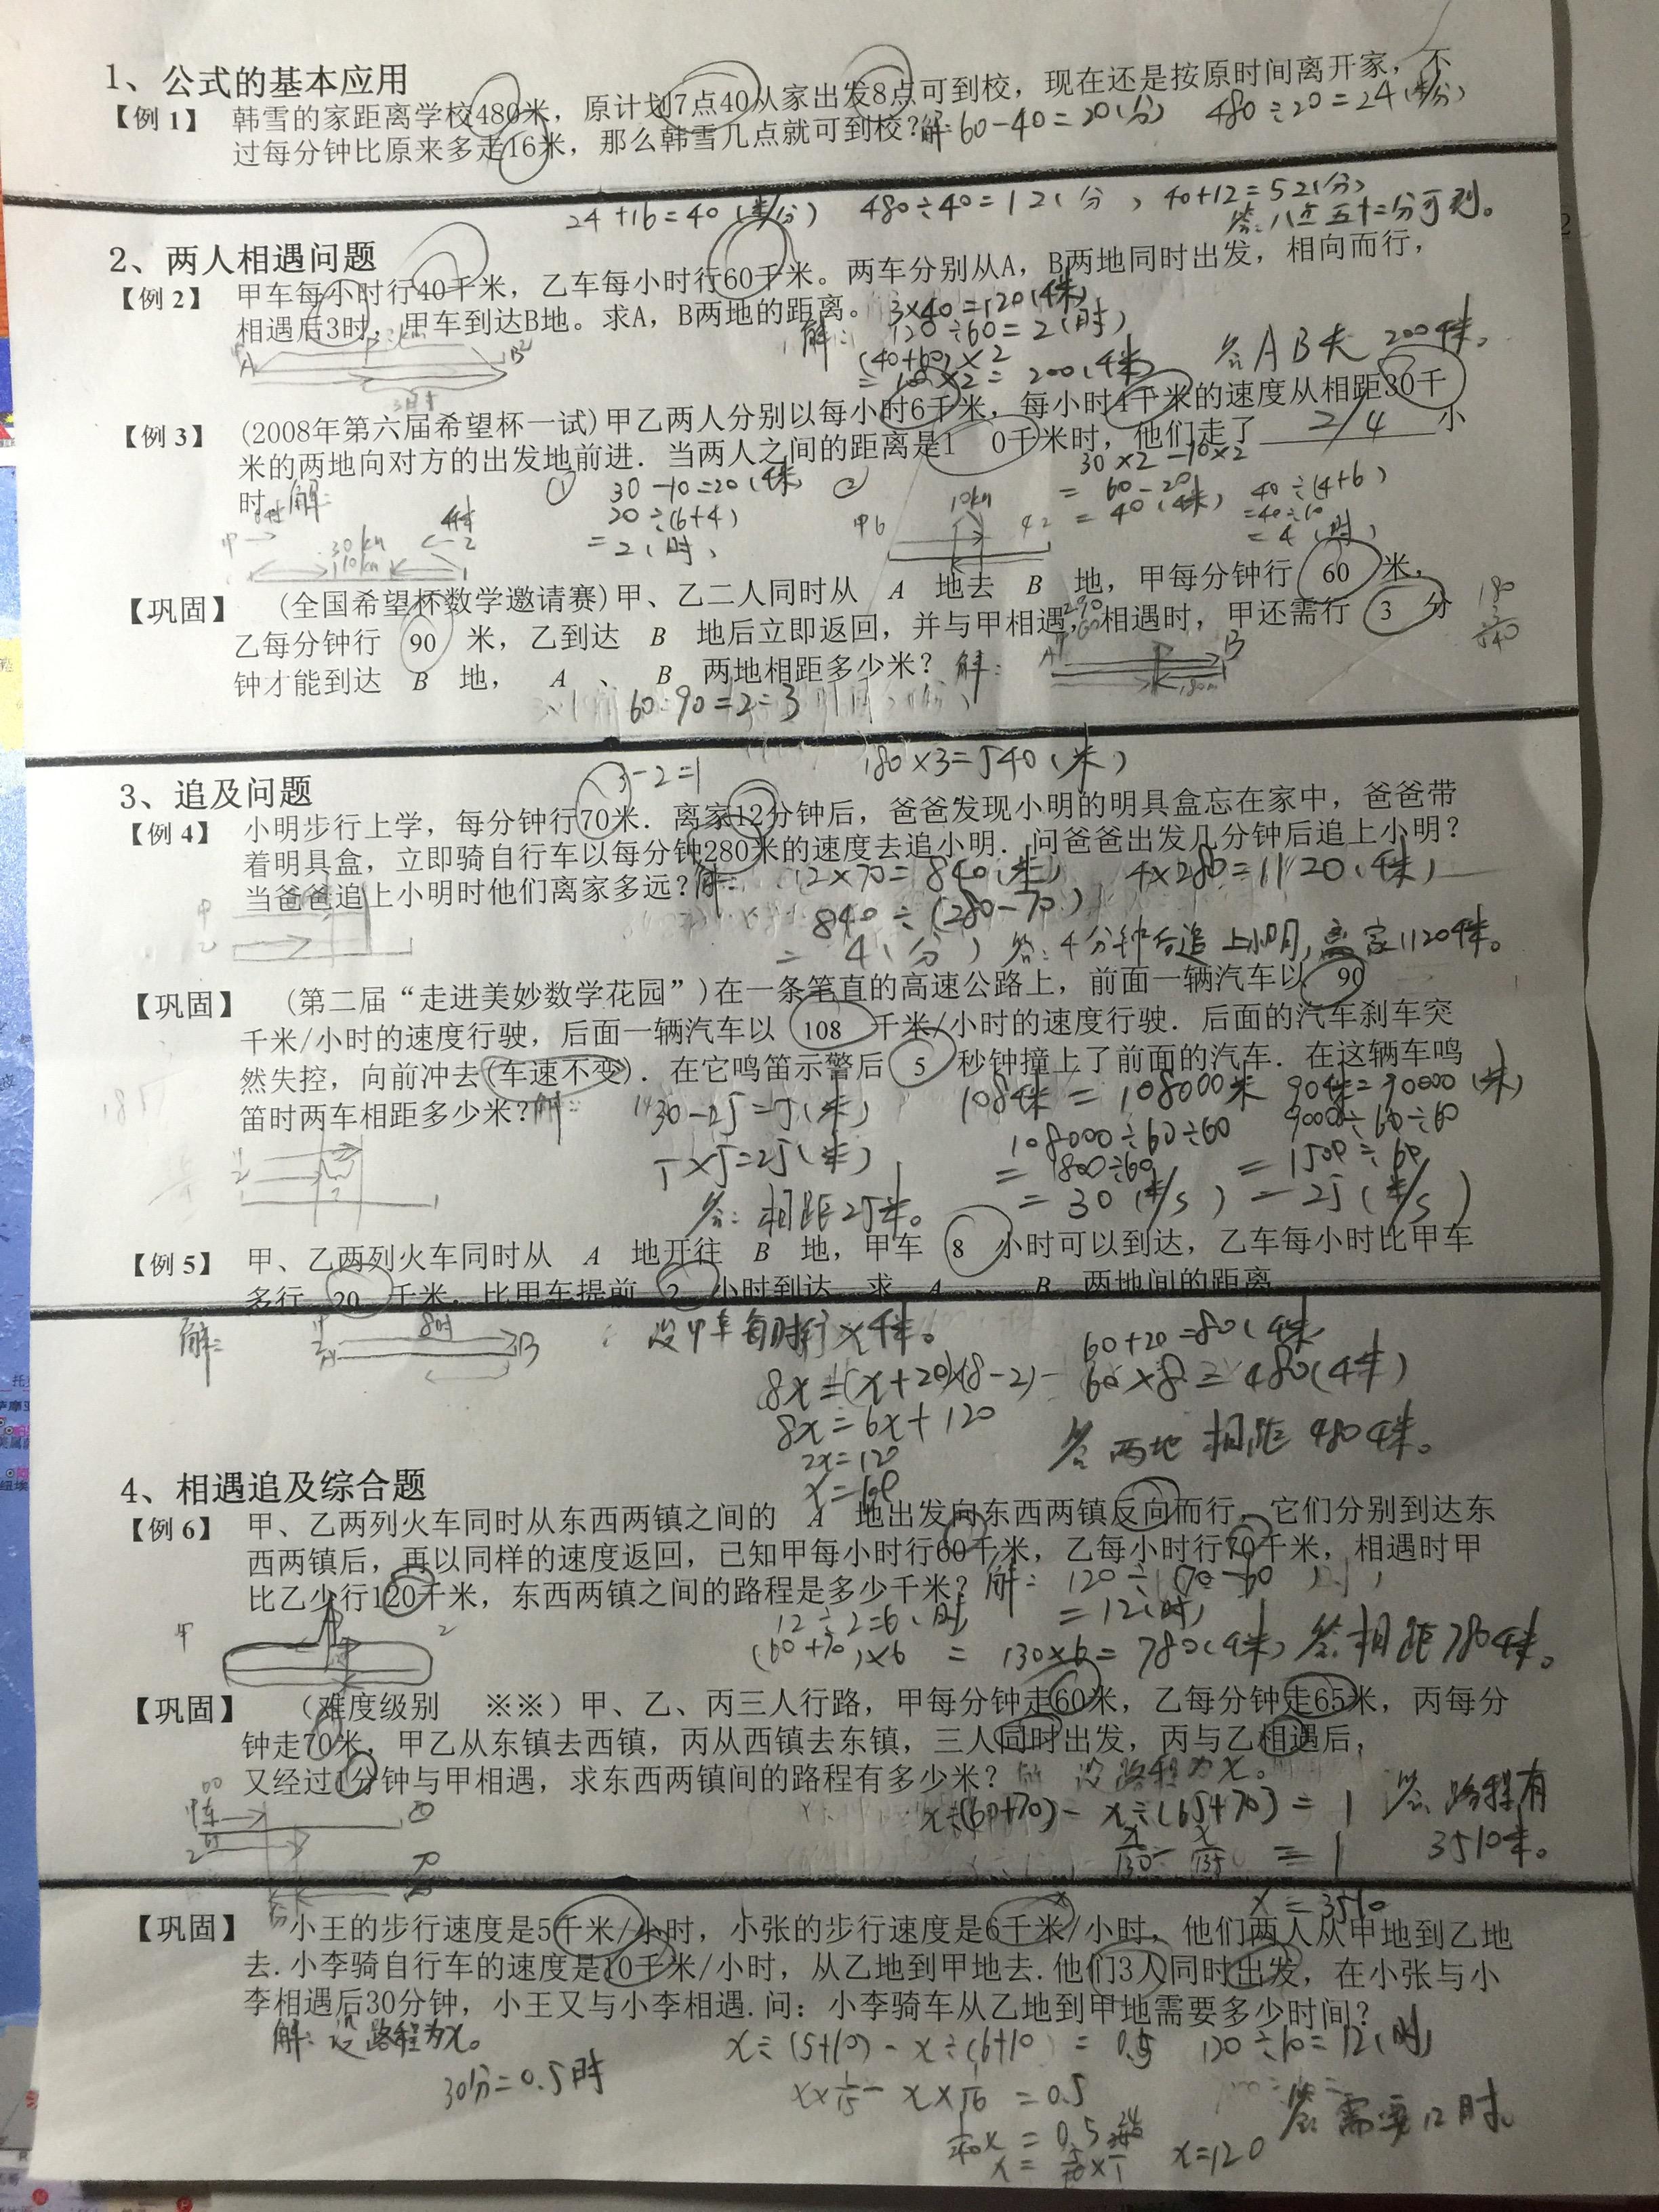 30C998E1-5AC7-44C1-AB9E-4F09CE9641D0.jpg